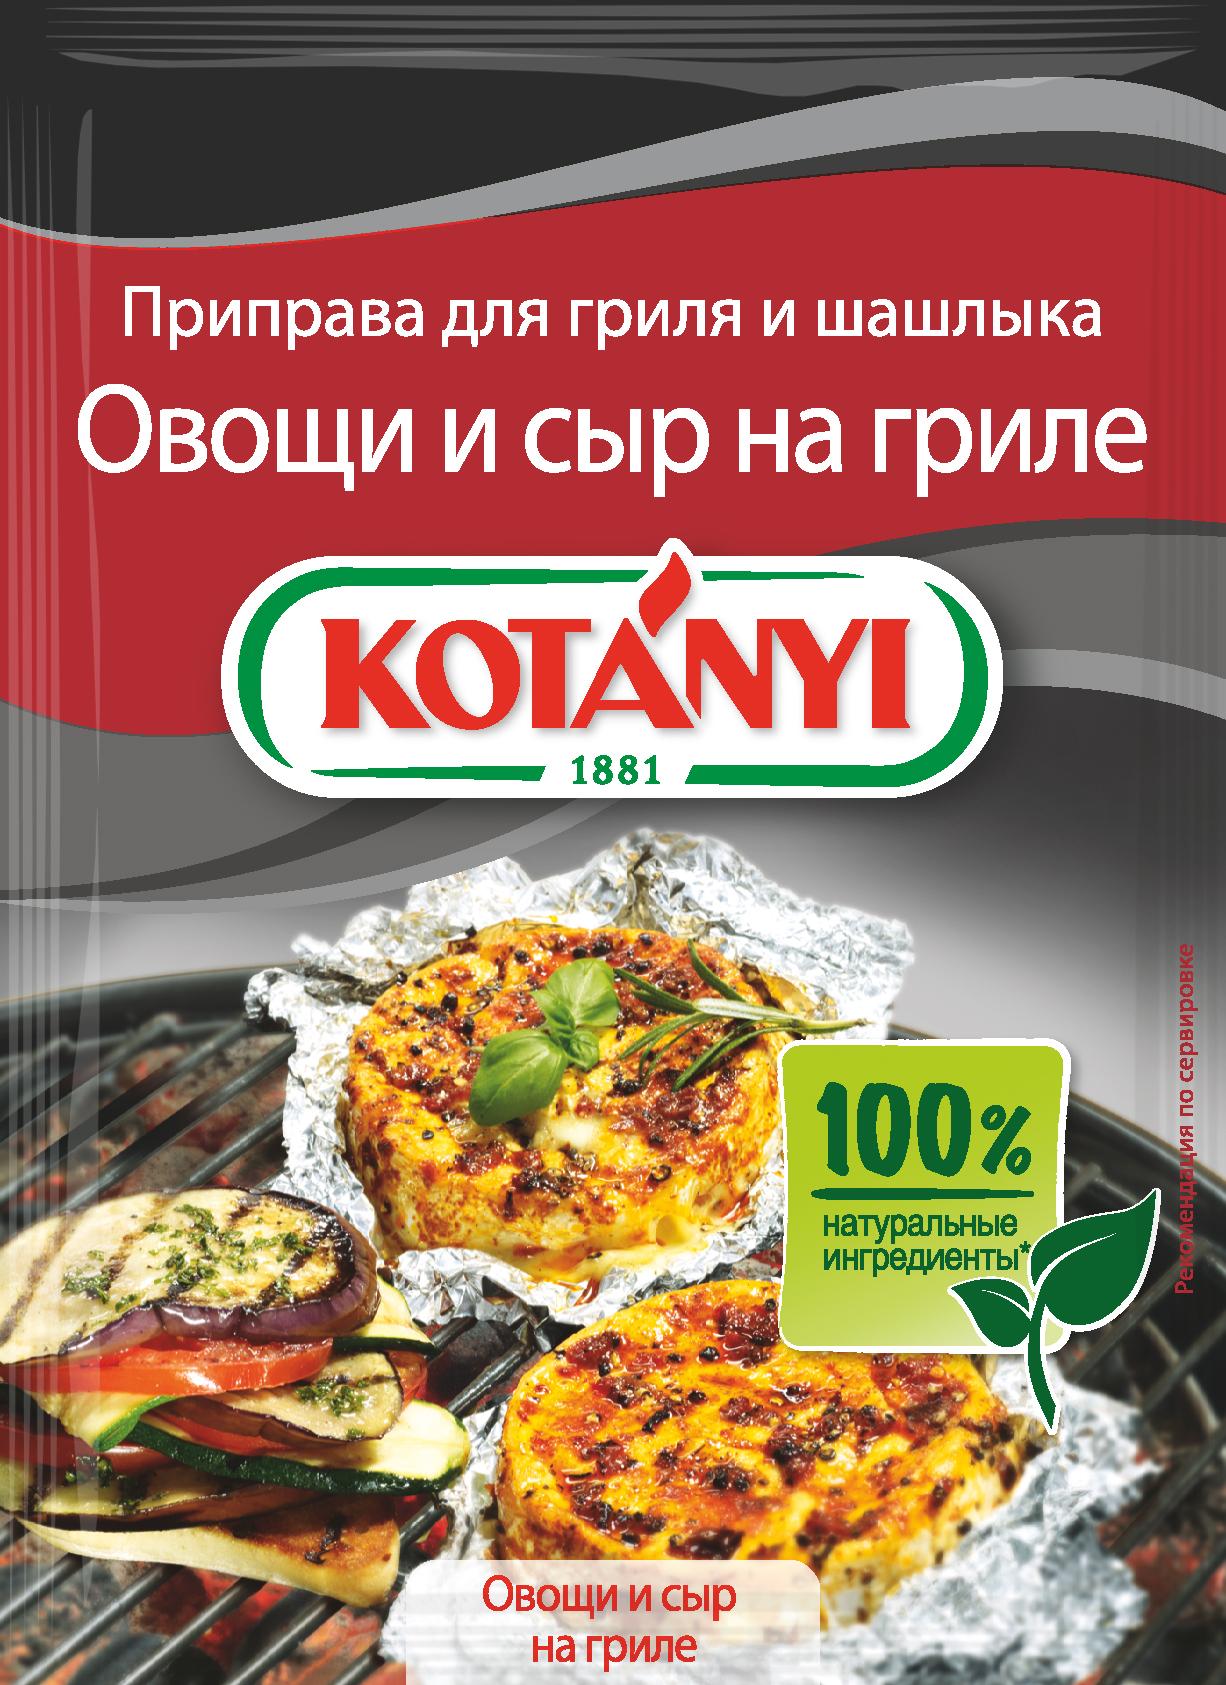 Kotanyi Приправа для гриля и шашлыков+овощи и сыр на гриле, 30 г цена 2017